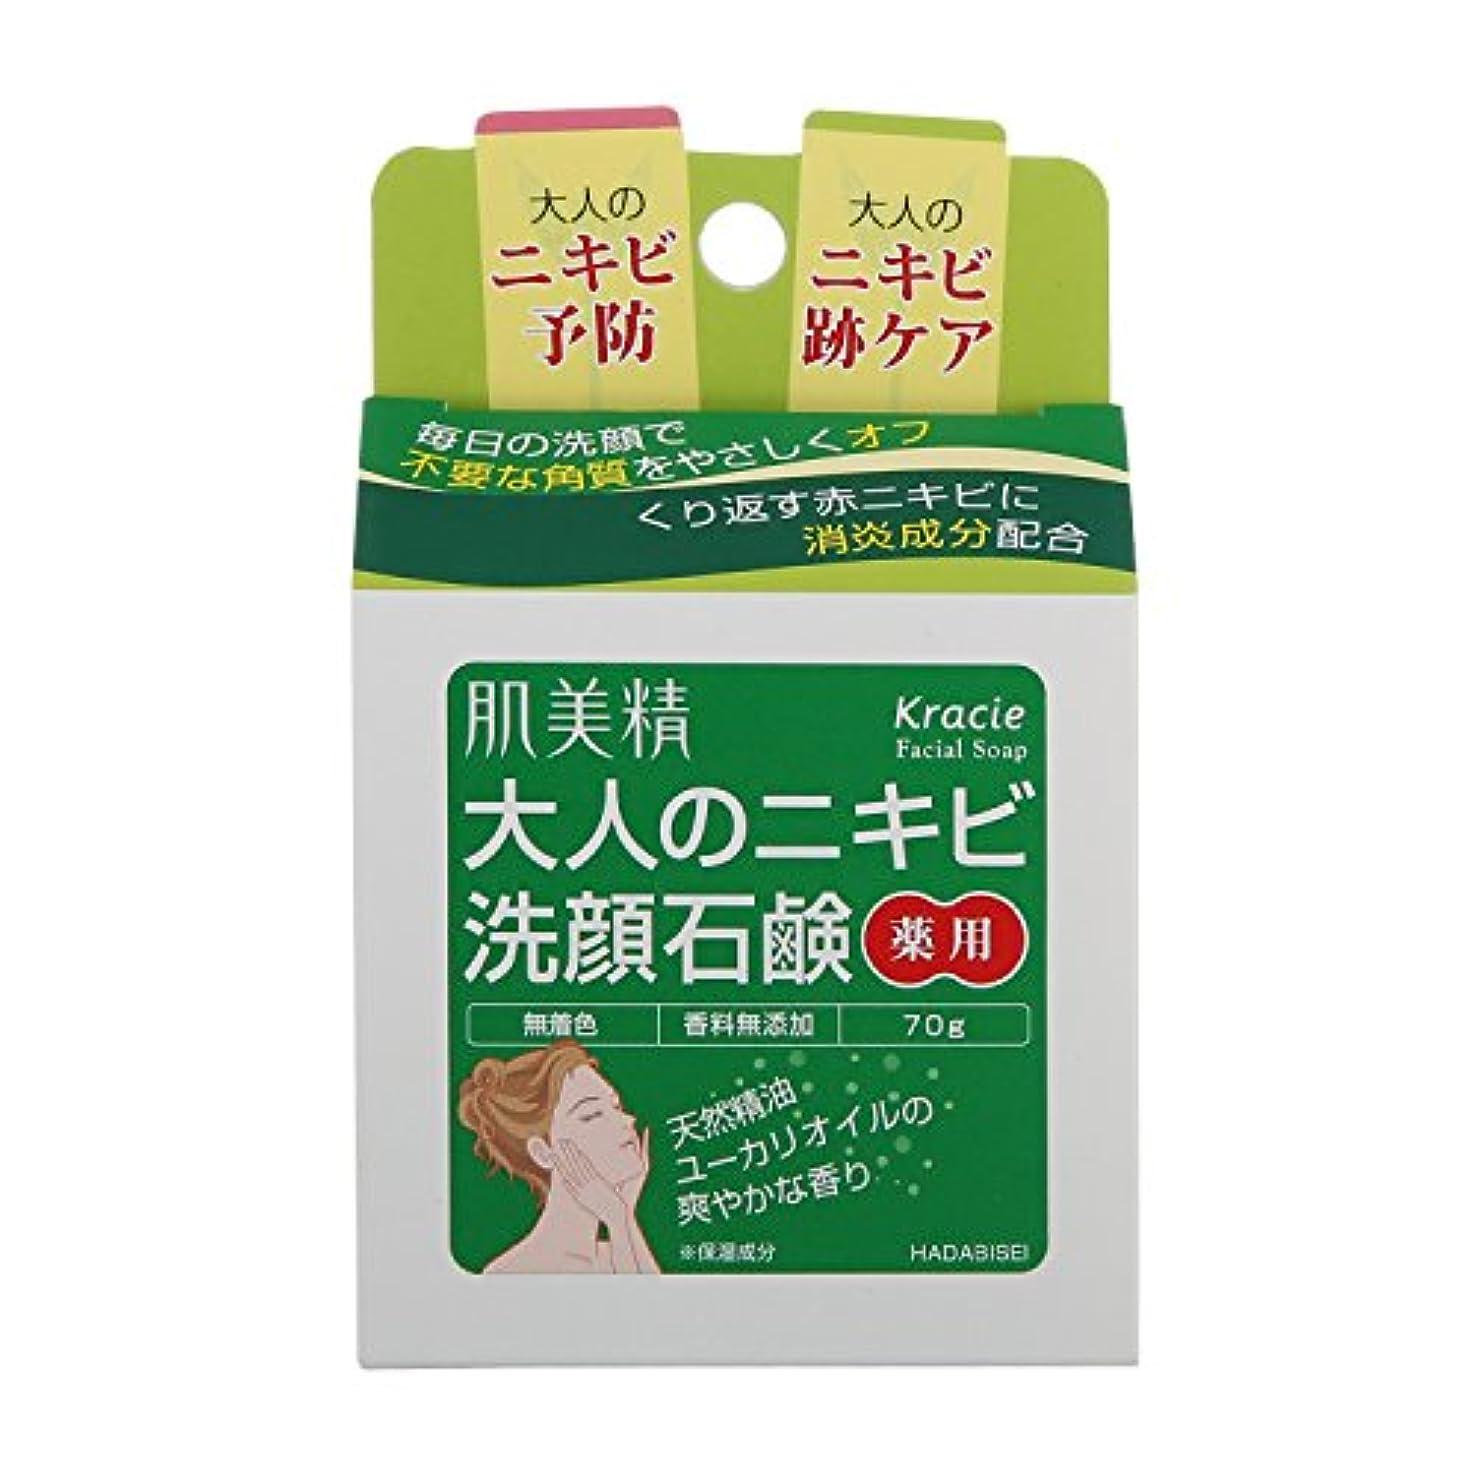 数批判する交通肌美精 大人のニキビ 薬用洗顔石鹸 70g  [医薬部外品]